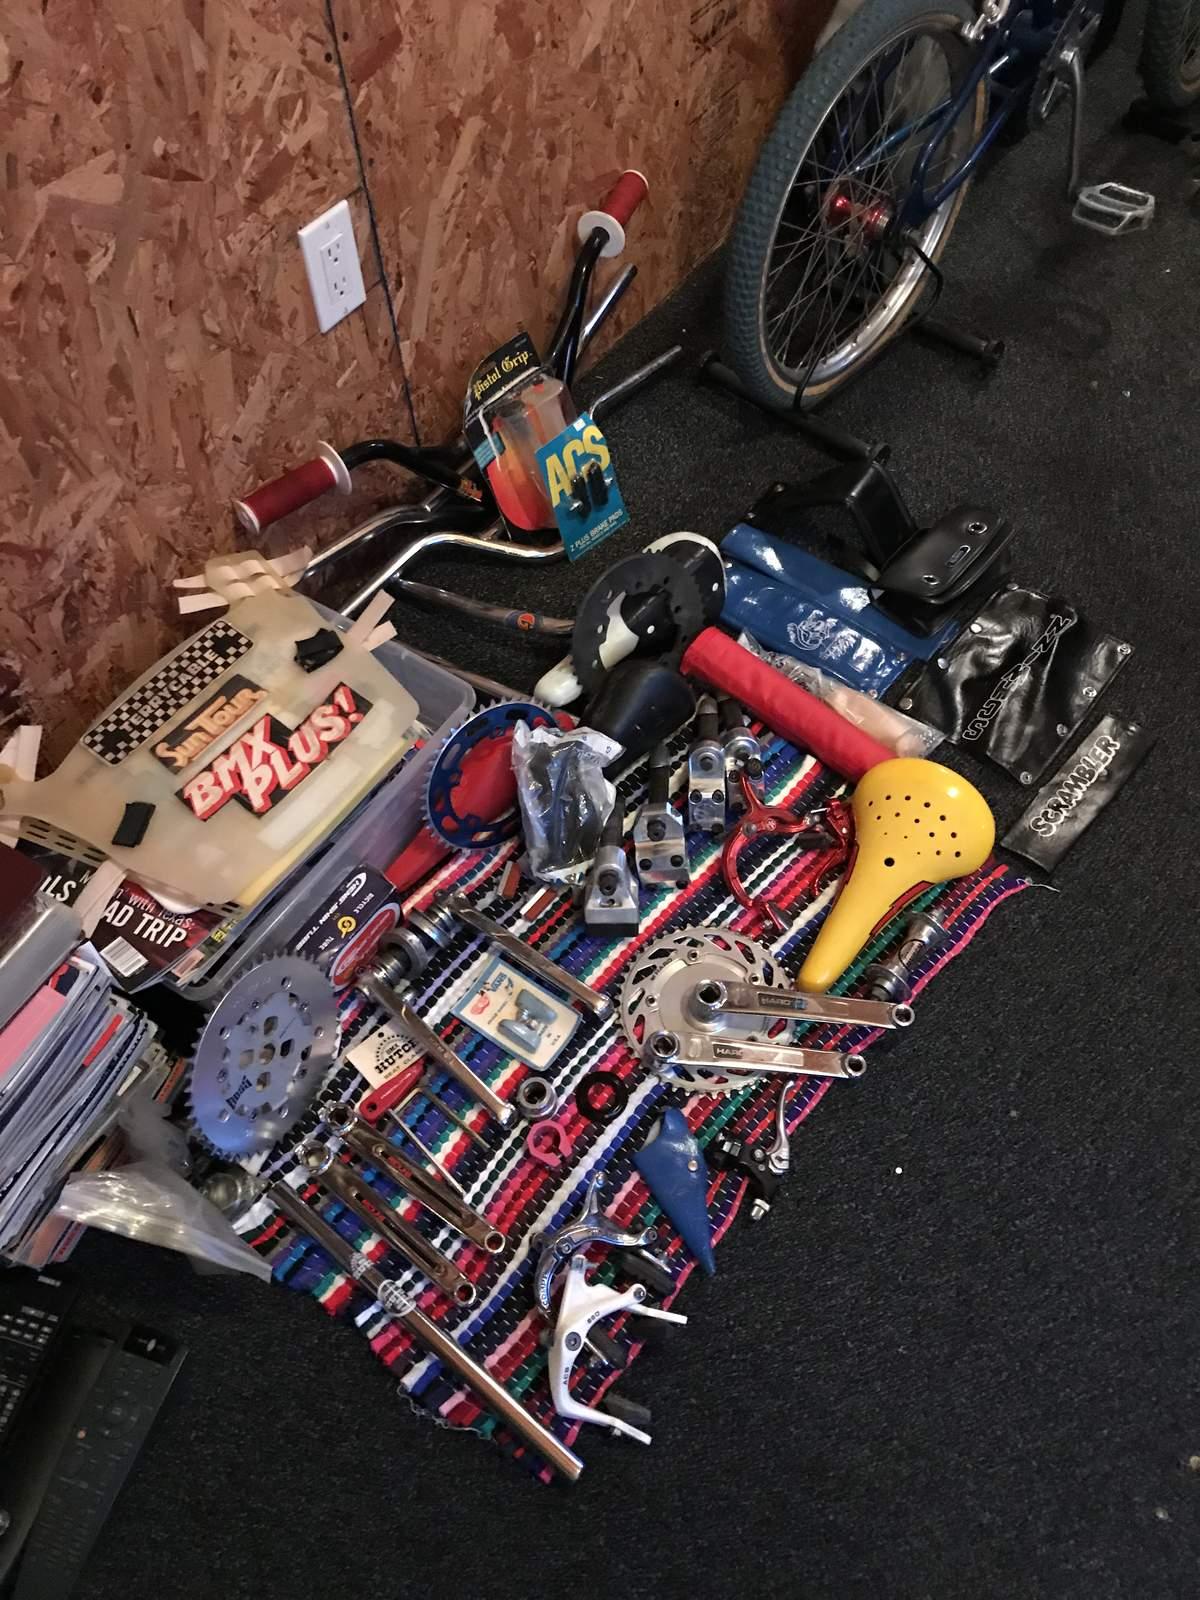 http://uploads.bmxmuseum.com/user-images/25738/da04e6e6-b431-4f2e-9734-e2b76a1d066e5af23ded1b.jpeg